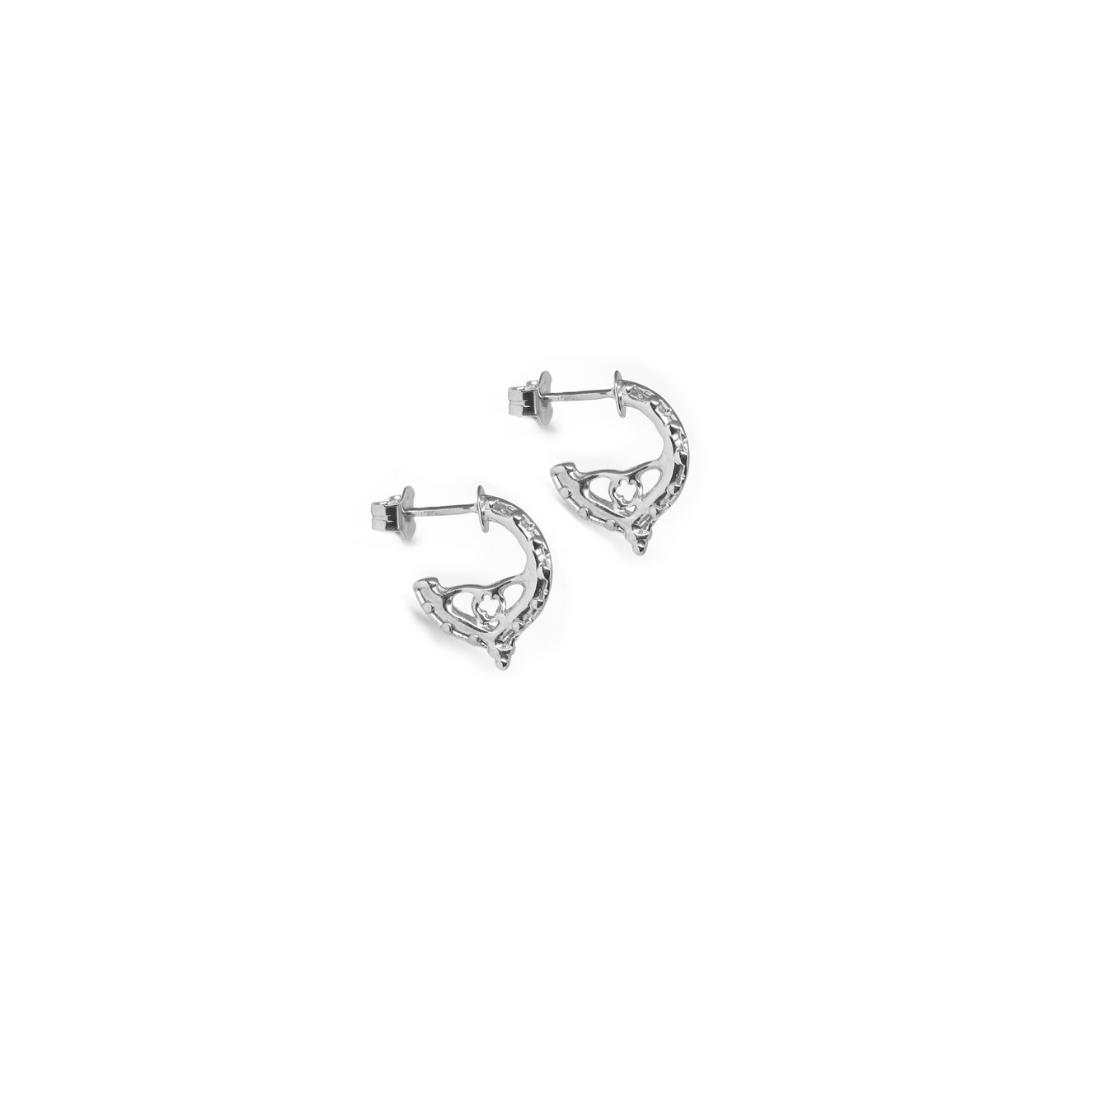 Little Venetian Hoops Earrings 925 Sterling Silver